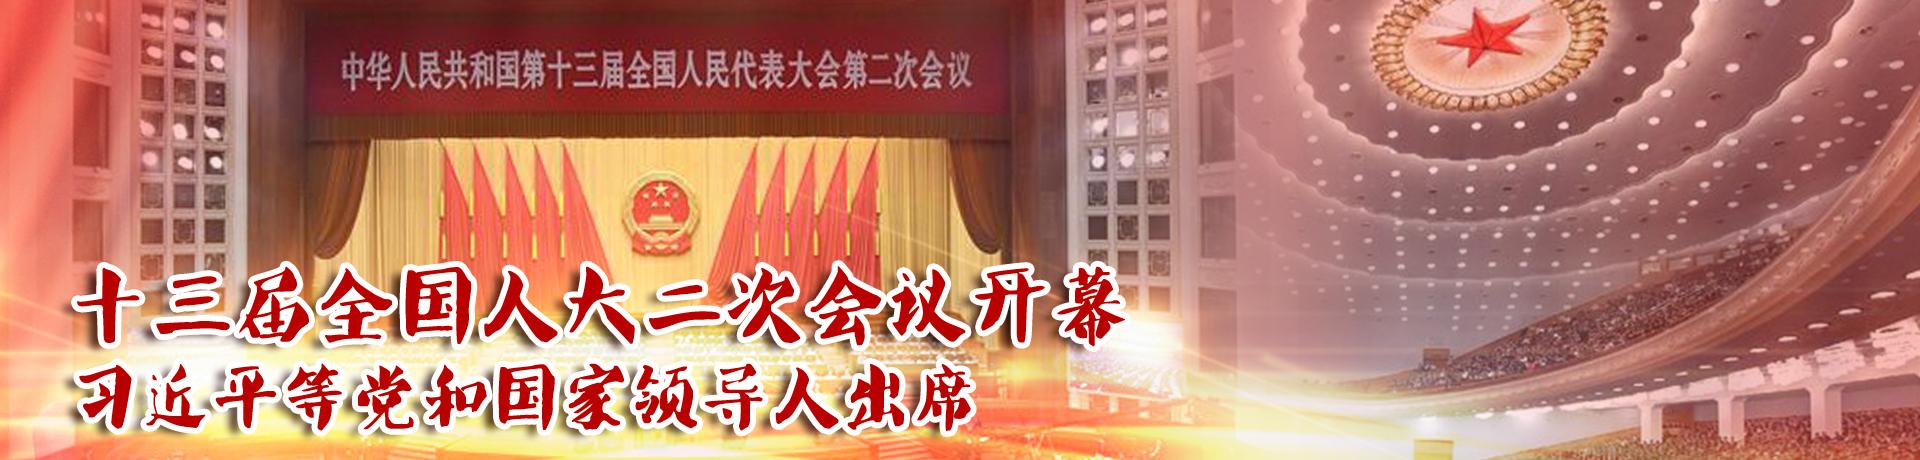 十三届全国人大二次会议开幕 习近平等党和国家领导人出席